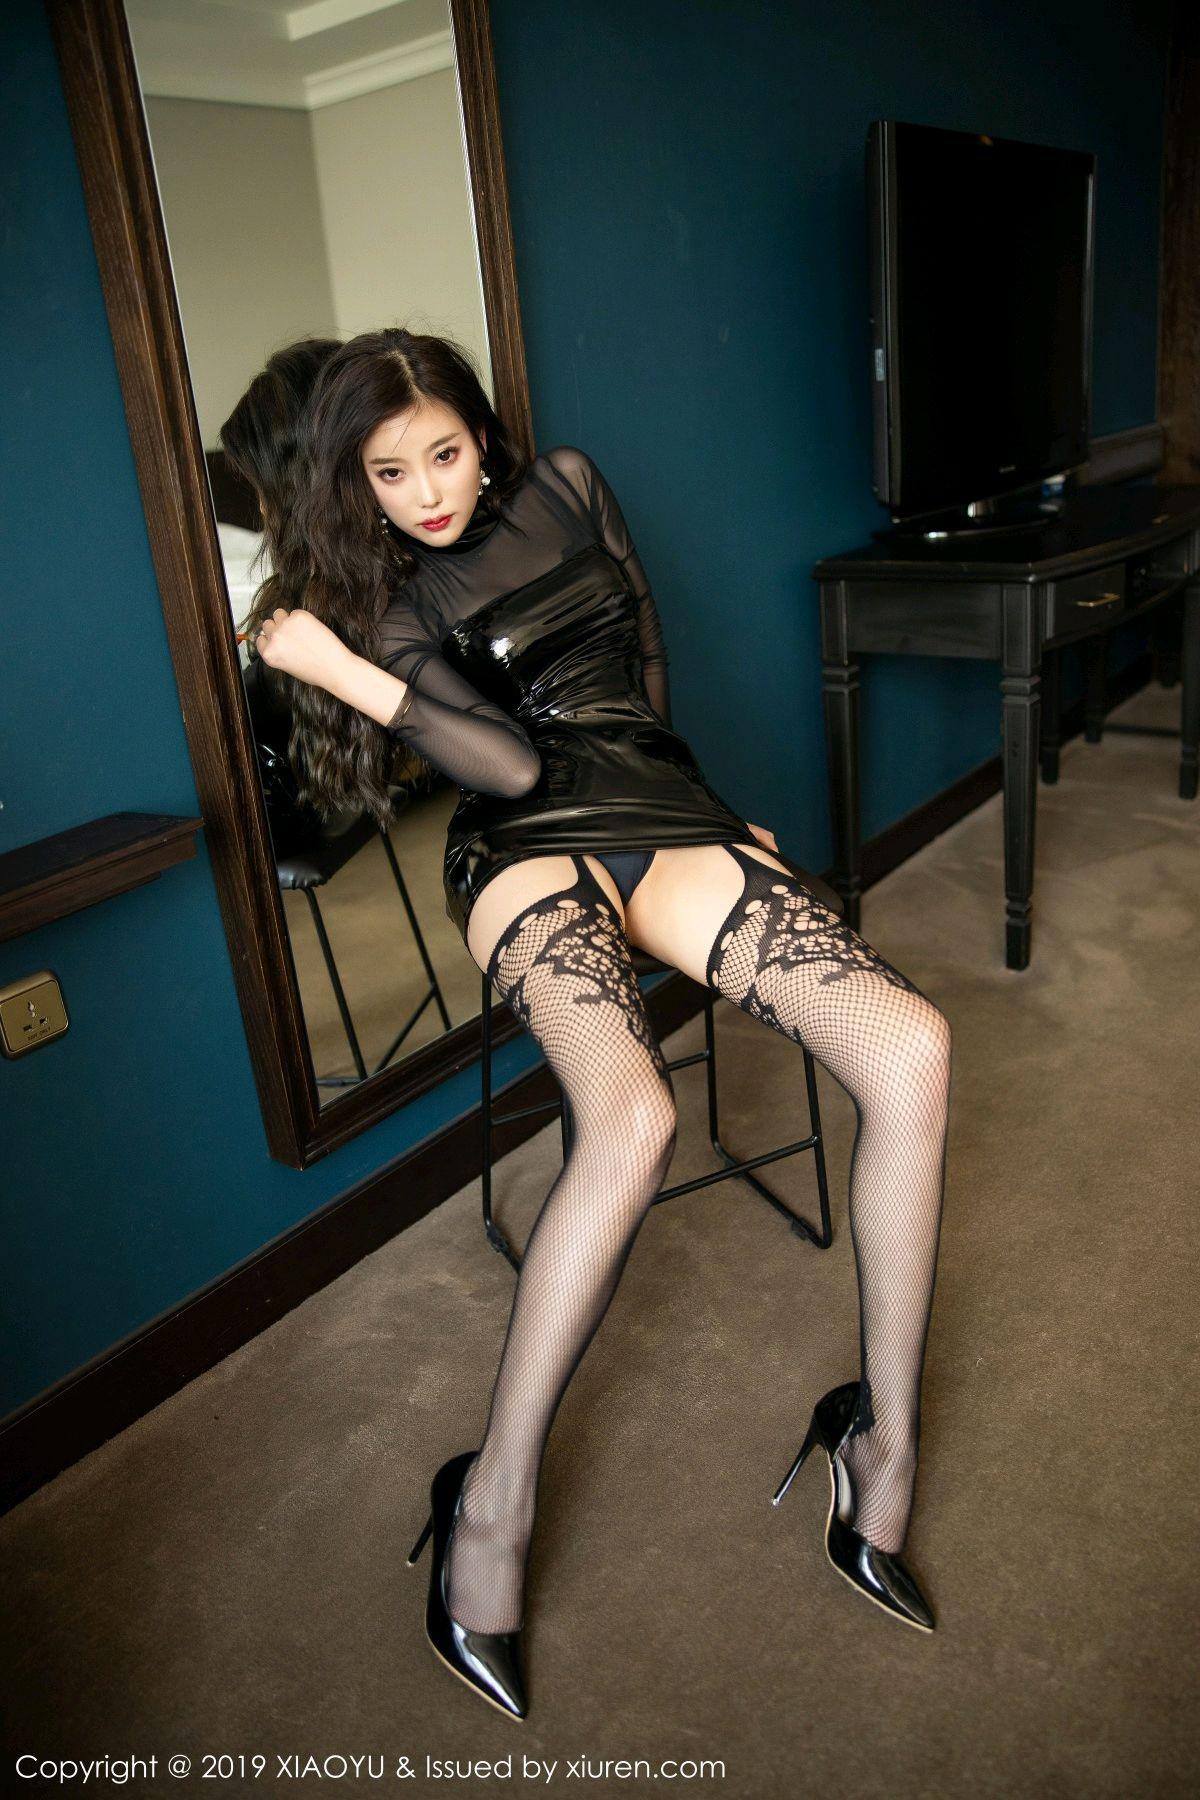 [XiaoYu] Vol.199 Yang Chen Chen 18P, Black Silk, Underwear, XiaoYu, Yang Chen Chen